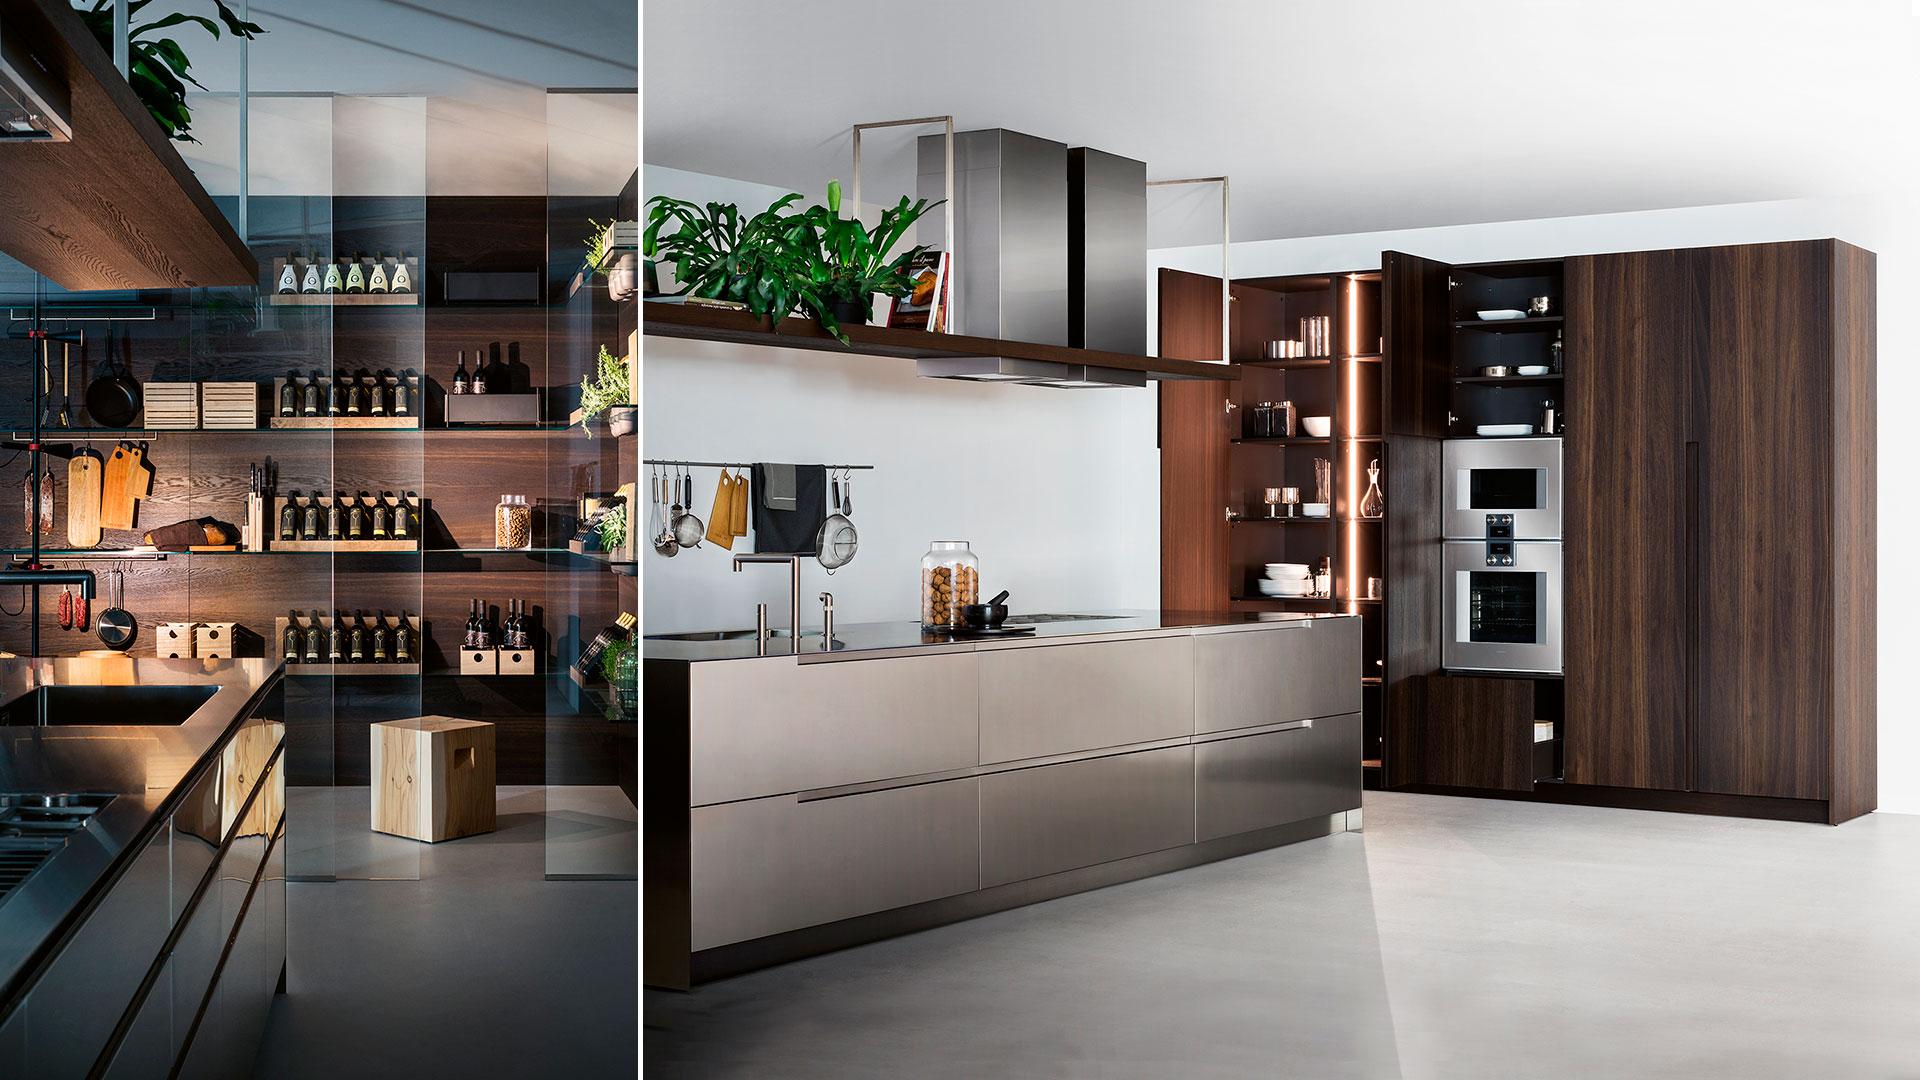 Cucina in legno e acciaio G180 | Collezioni Cucine 2018 TM Italia - TM_CAT_G180_002